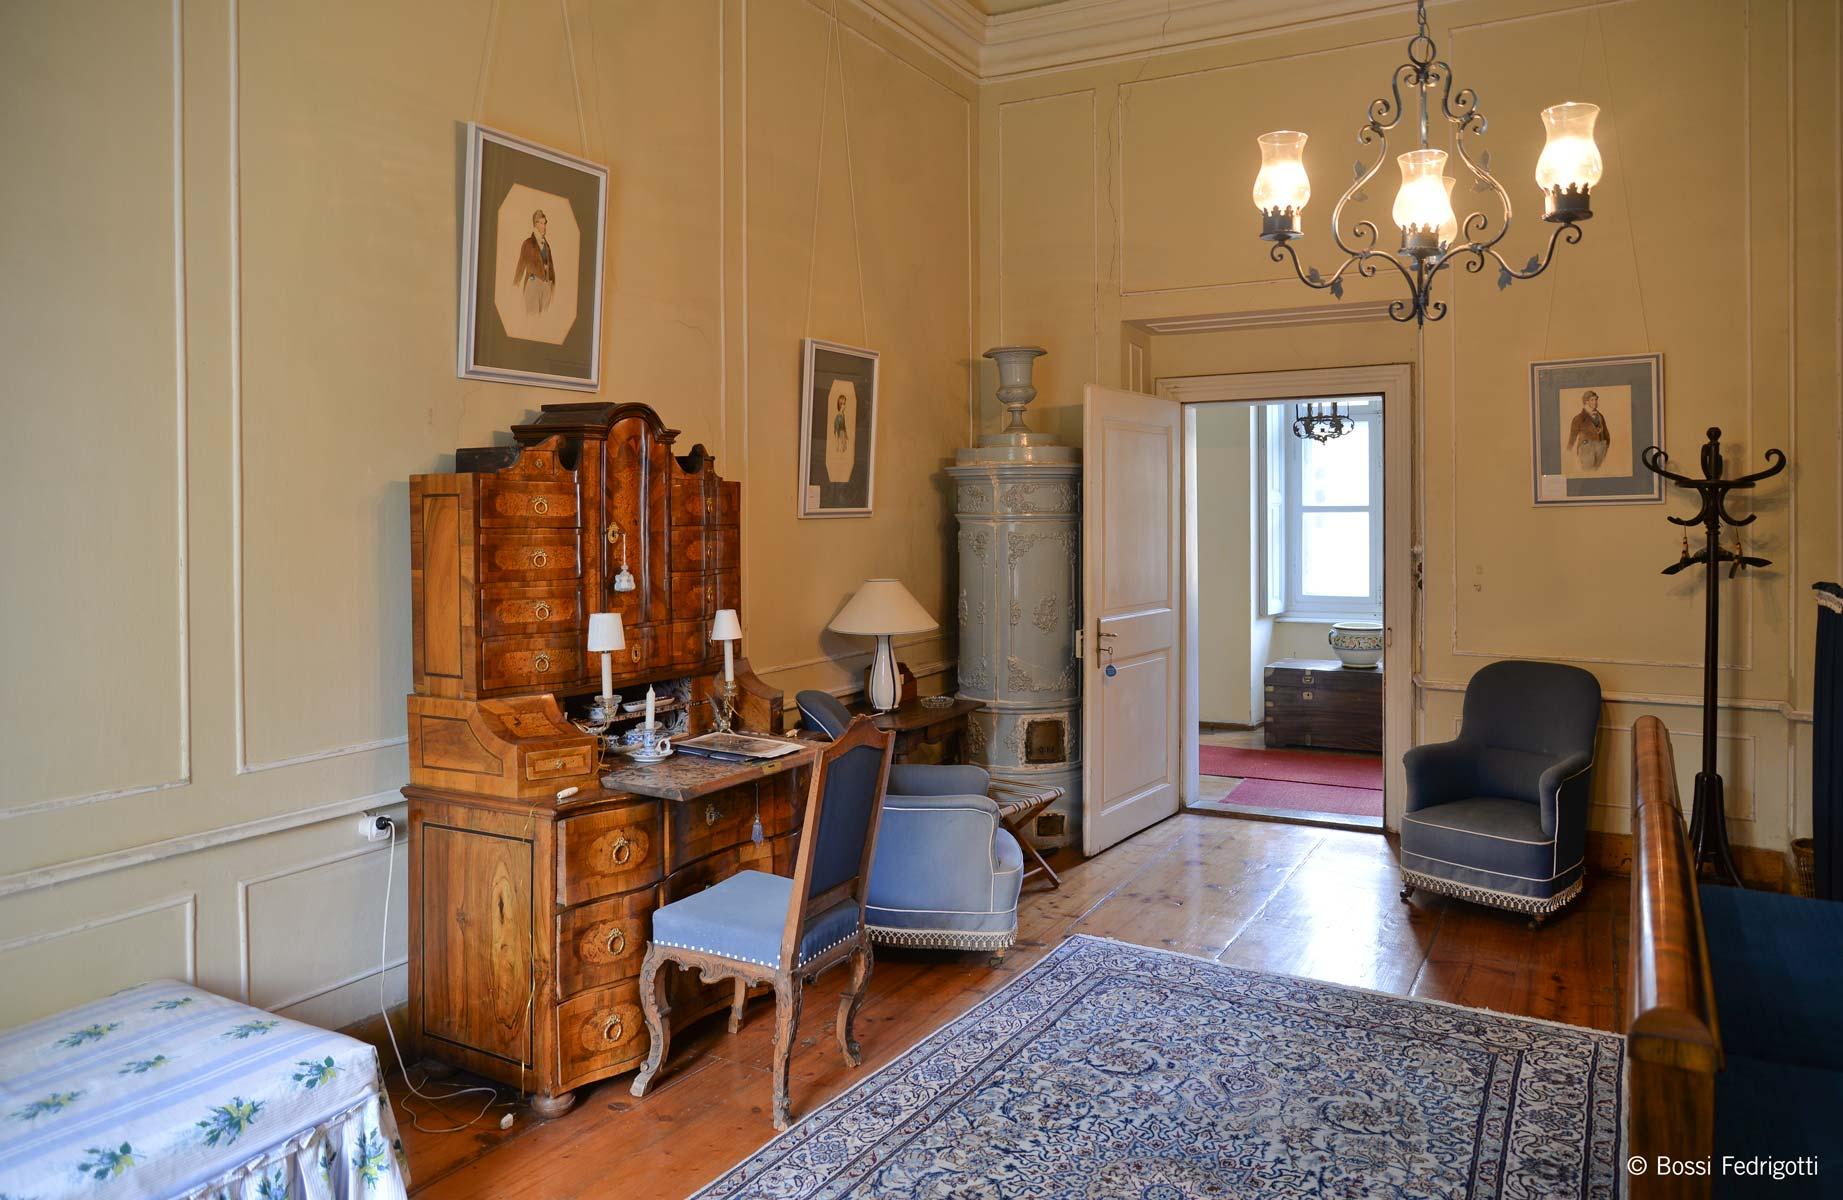 Blaues-Zimmer_274Bossi-Fedrigotti.jpg